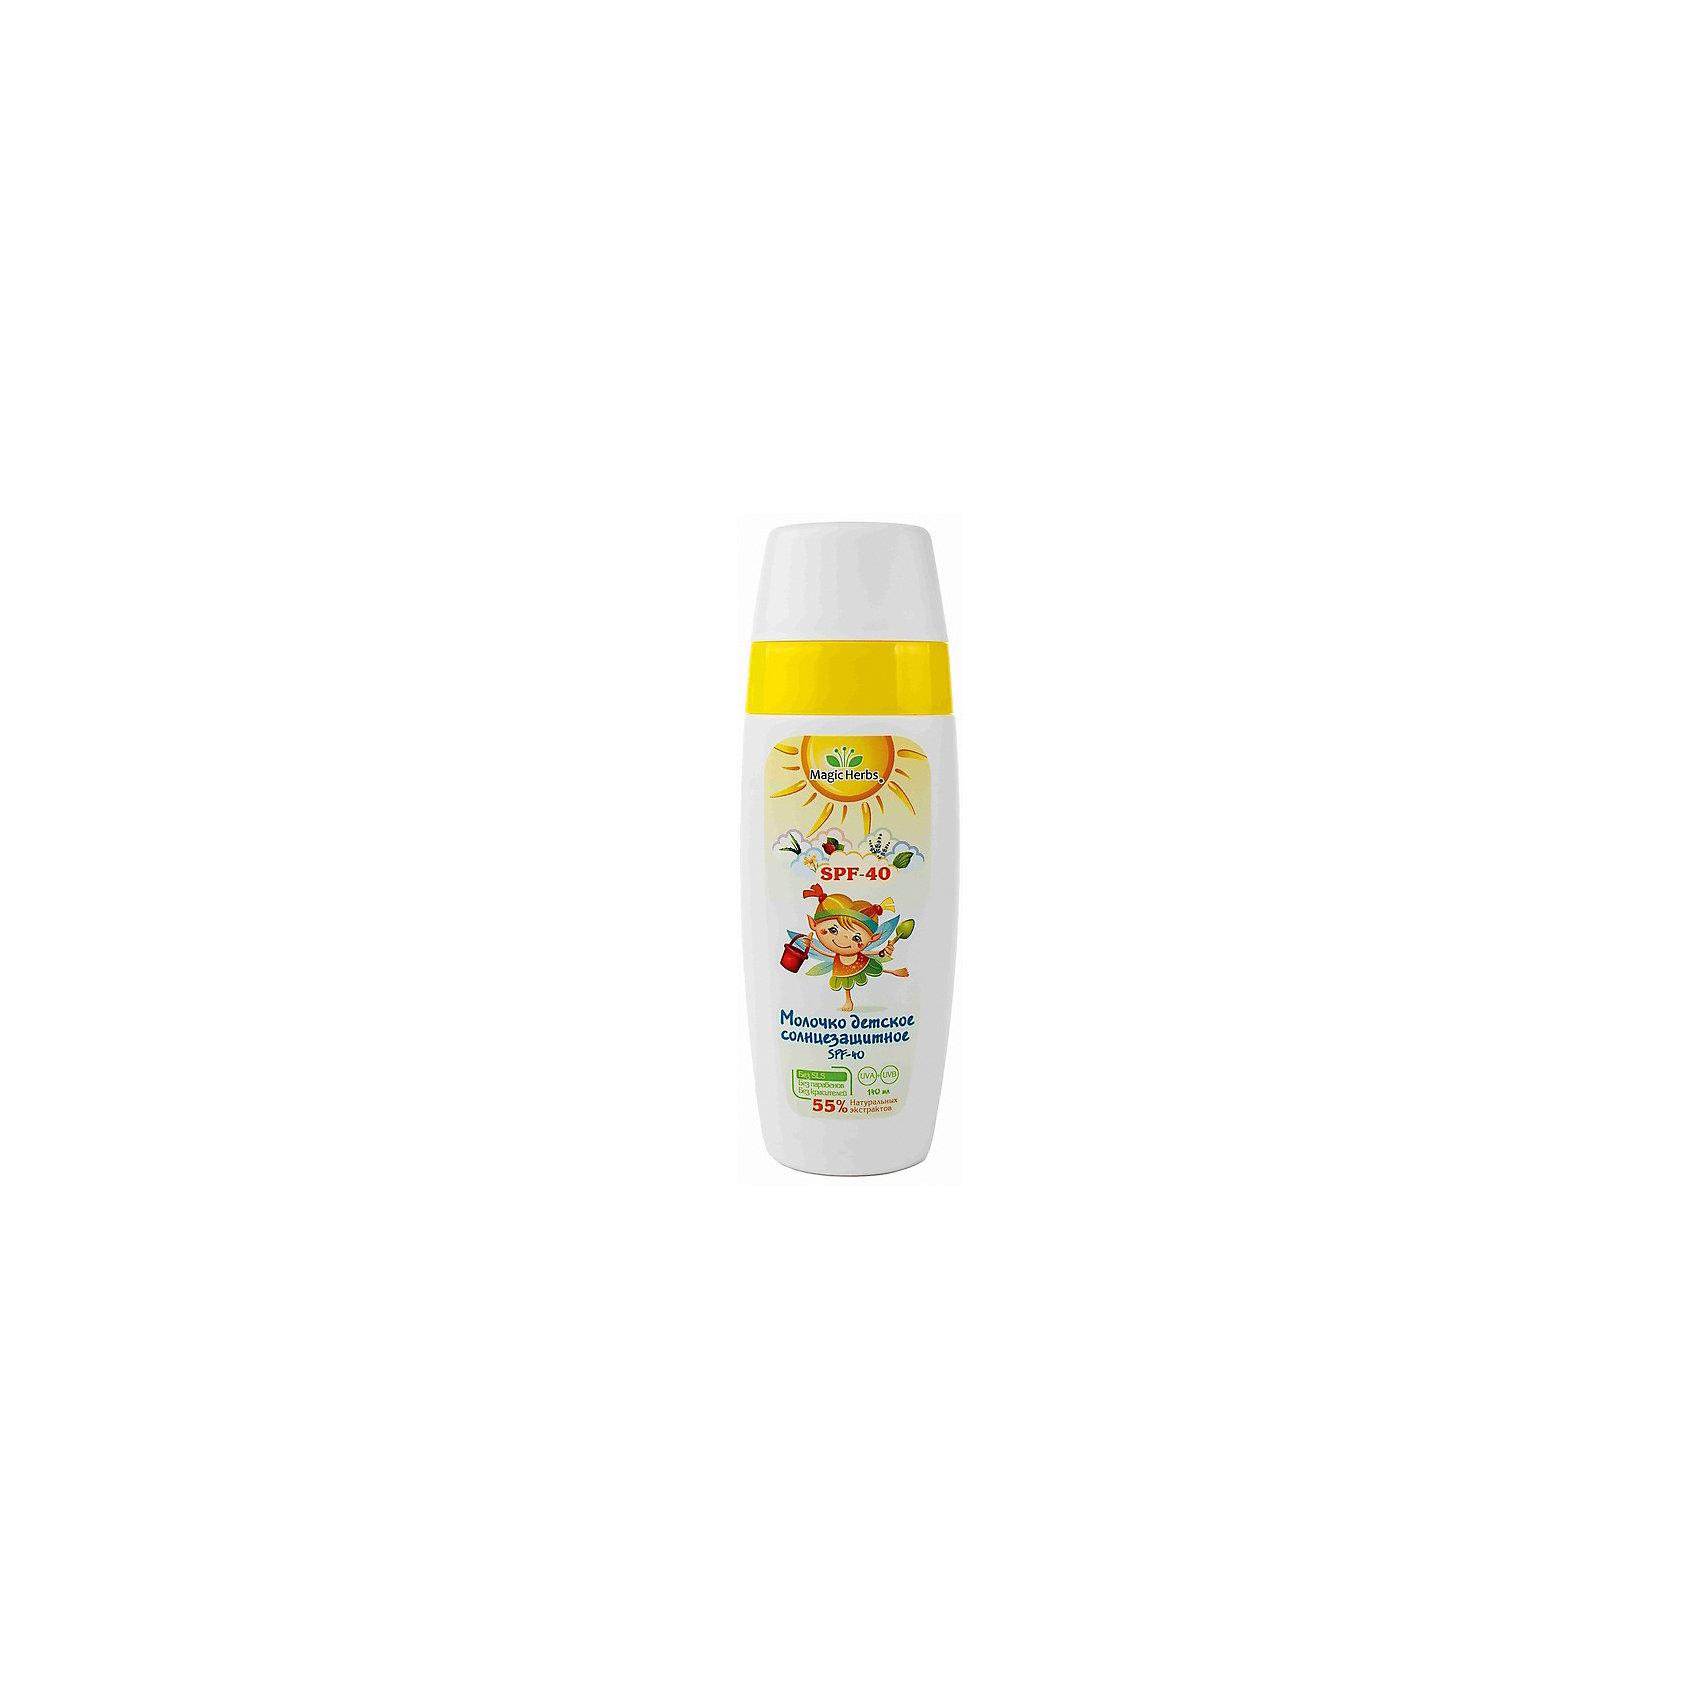 Молочко детское солнцезащитное SPF-40+, Magic HerbsЗащитить нежную детскую кожу от воздействия ультрафиолетовых лучей поможет солнцезащитное молочко для тела SPF-40+ . Входящие в состав молочка экстракты ромашки, шиповника, подорожника, лаванды и алоэ оказывают увлажняющее и смягчающее действие. <br><br>Дополнительная информация:<br><br>Без SLS, парабенов и красителей.<br>Только для наружного применения.<br>Объем: 140 мл<br><br>Способ применения: обильно нанести средство на кожу за 20 минут до выхода на солнце. Повторять процедуру каждые два часа, а также, каждый раз после купания. <br><br>Молочко детское солнцезащитное SPF-40+, Magic Herbs можно купить в нашем интернет-магазине.<br><br>Ширина мм: 30<br>Глубина мм: 60<br>Высота мм: 170<br>Вес г: 160<br>Возраст от месяцев: -2147483648<br>Возраст до месяцев: 2147483647<br>Пол: Унисекс<br>Возраст: Детский<br>SKU: 5008331